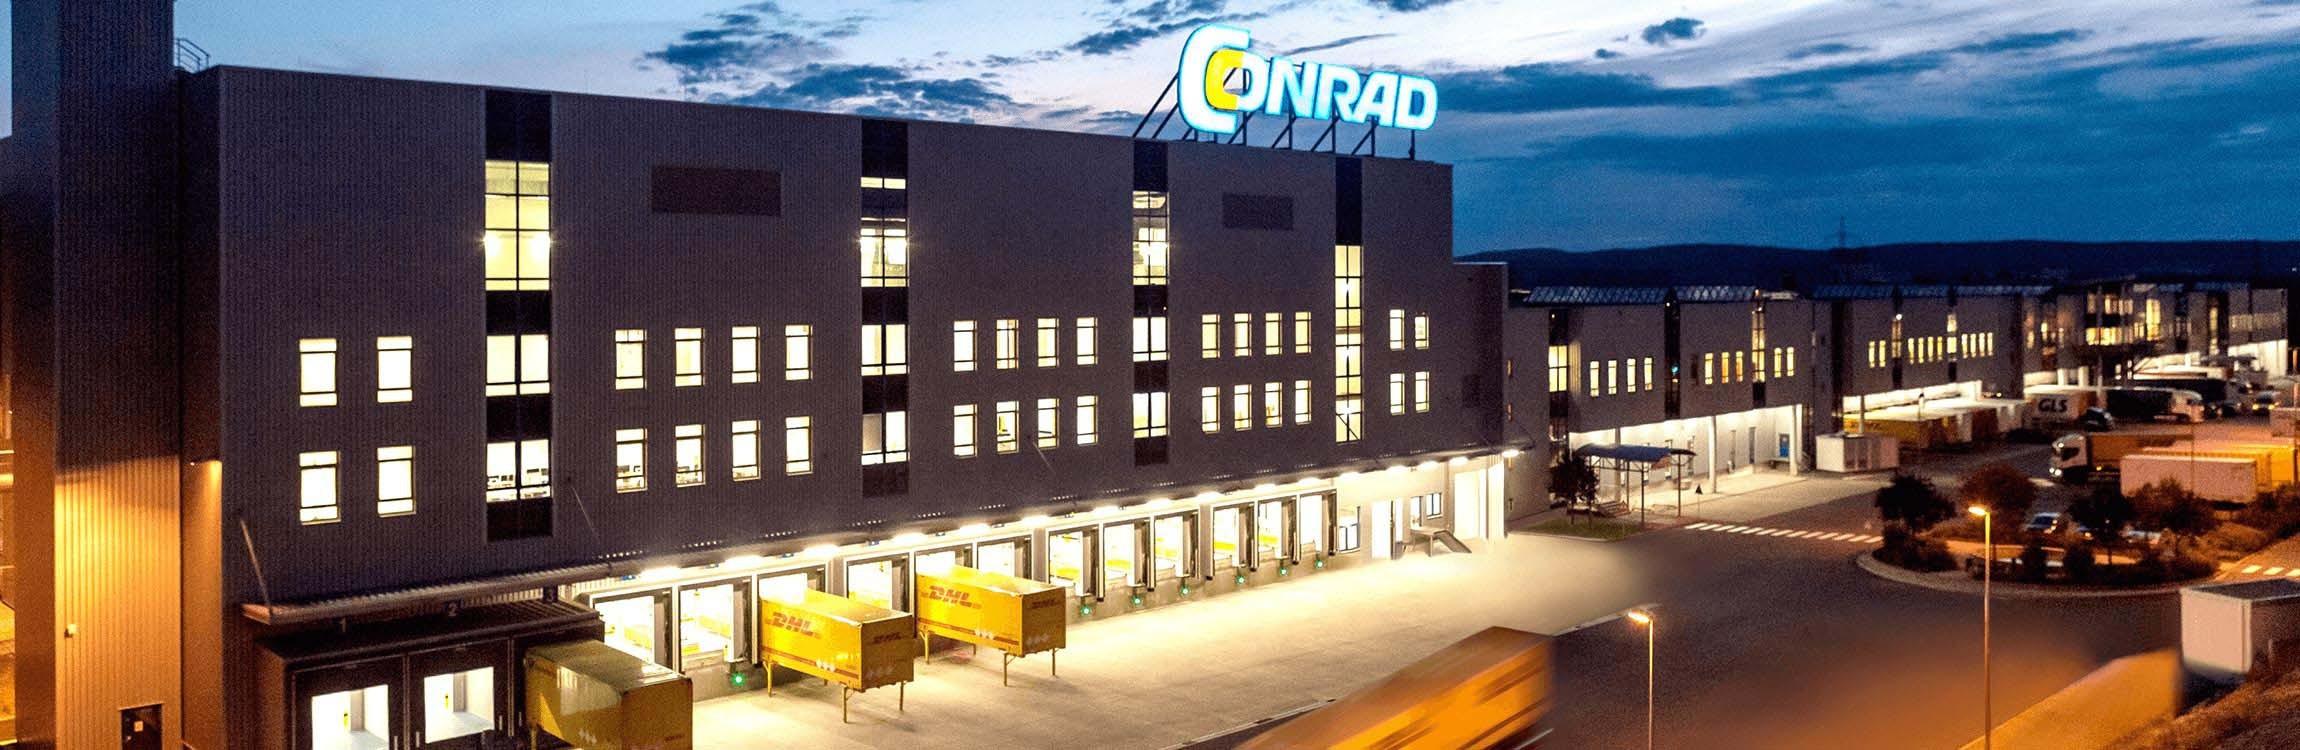 The new distribution centre for Conrad.